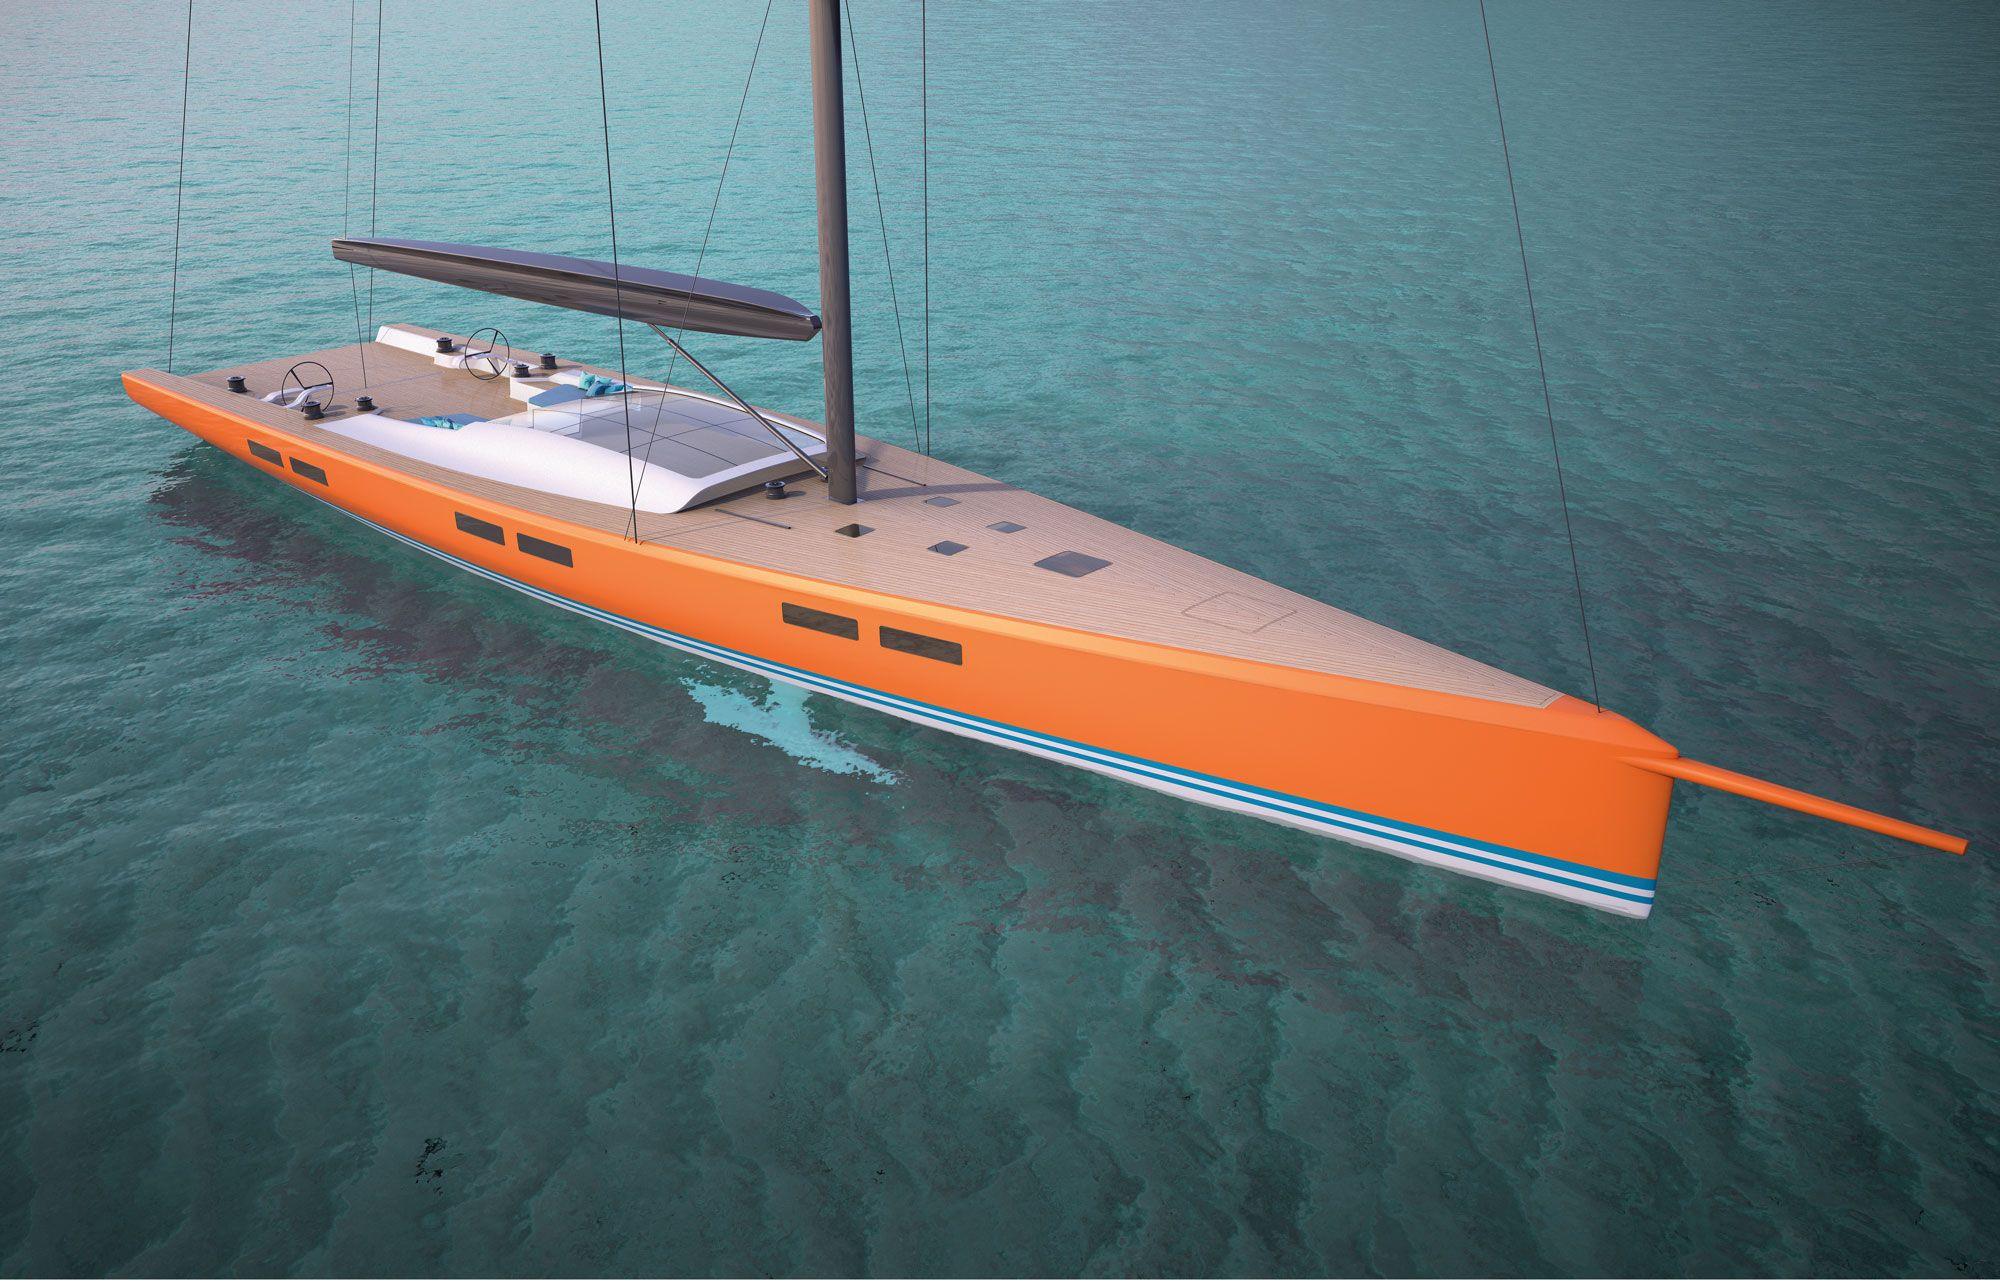 Luxus segelyacht holz  Reichel/Pugh Yacht Design · RP 35m Superyacht | Yacht Design ...